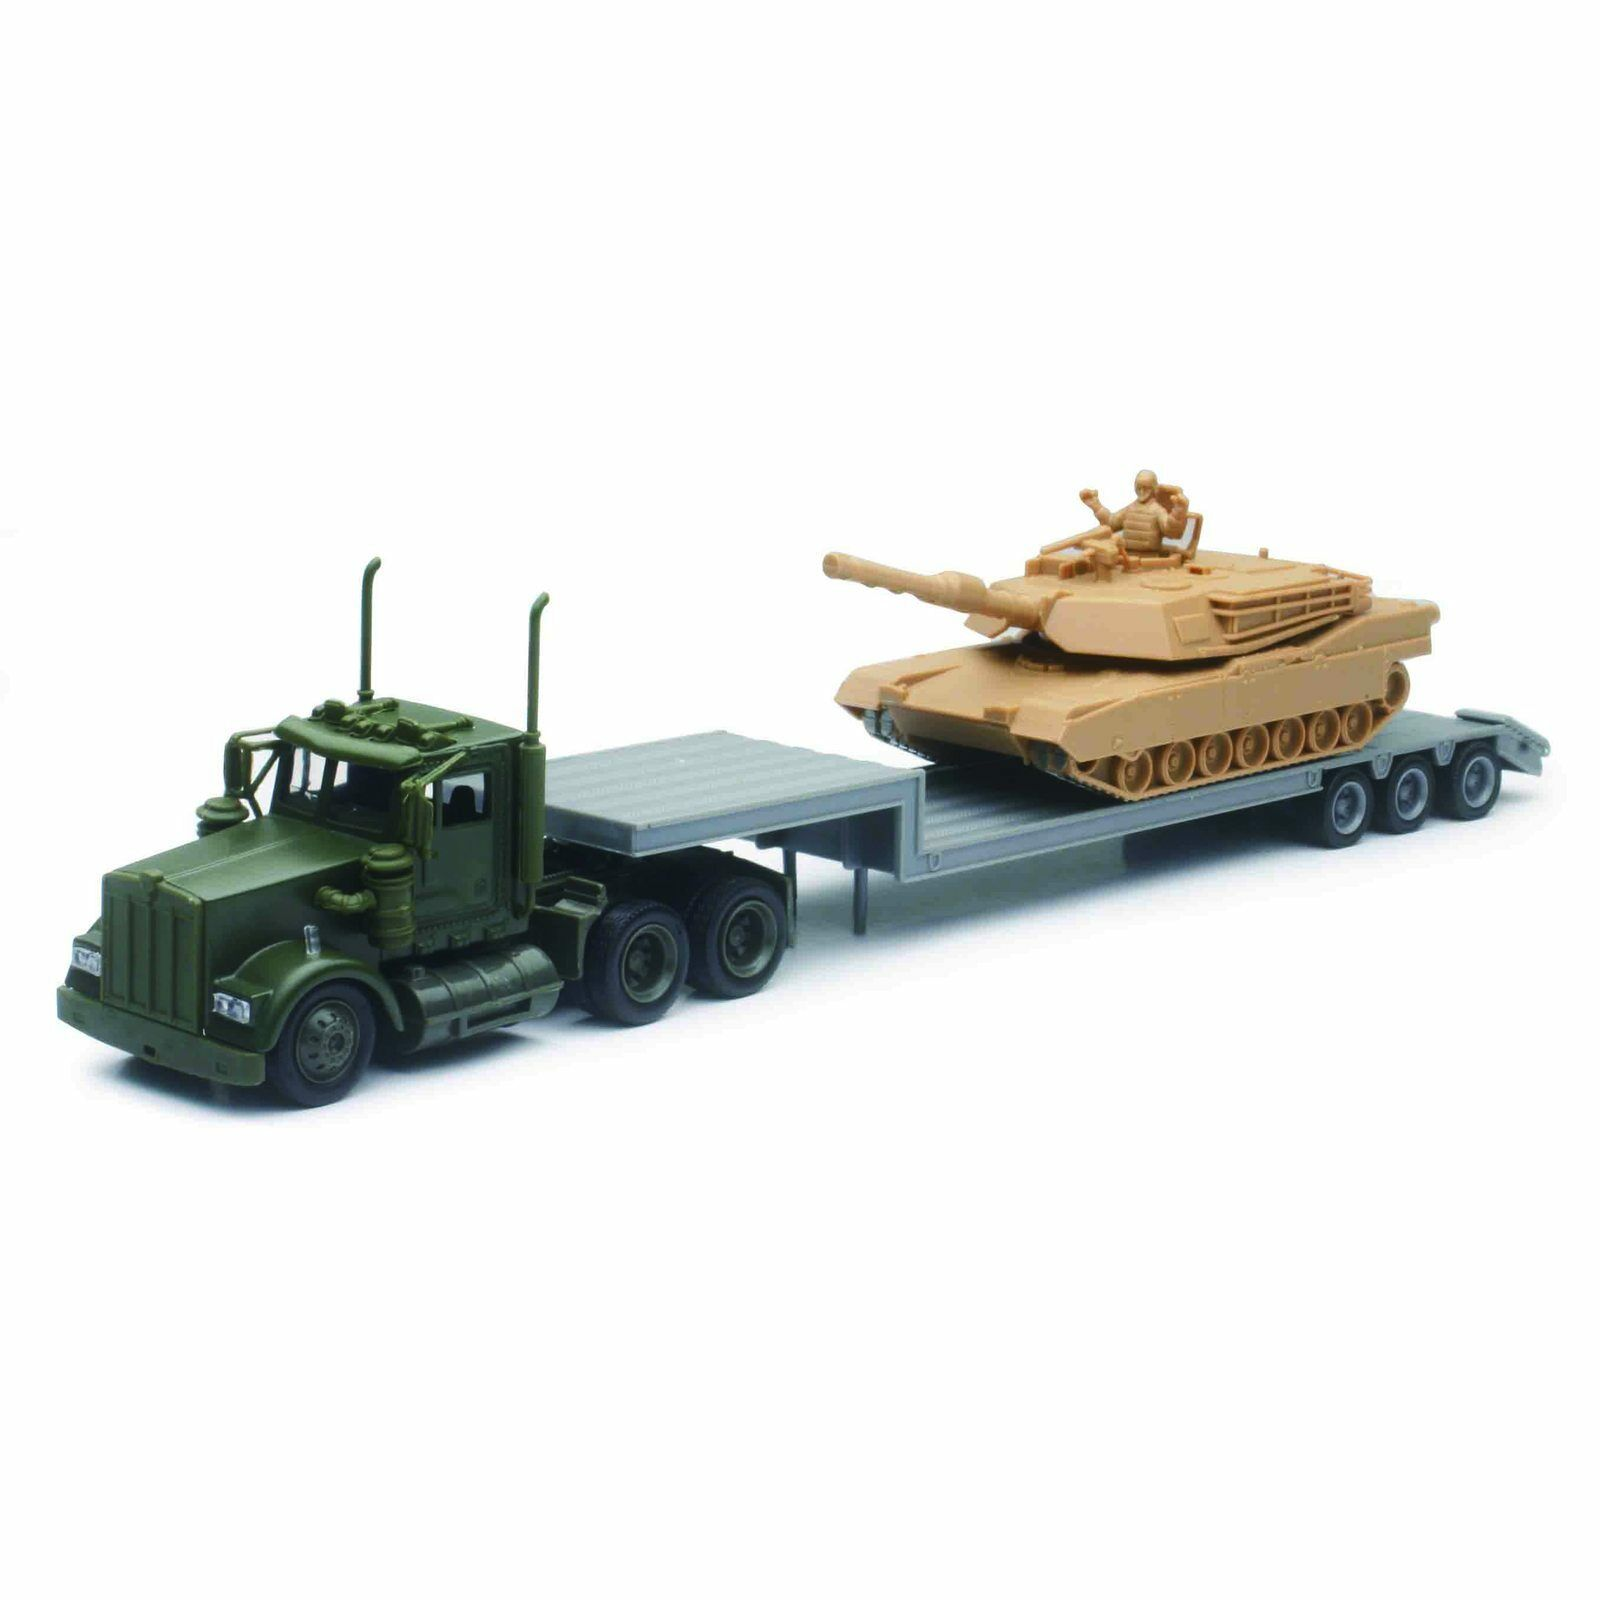 stile classico KENWORTH KENWORTH KENWORTH W900 Panzer 1 43 + Camion militare missione  ecco l'ultimo